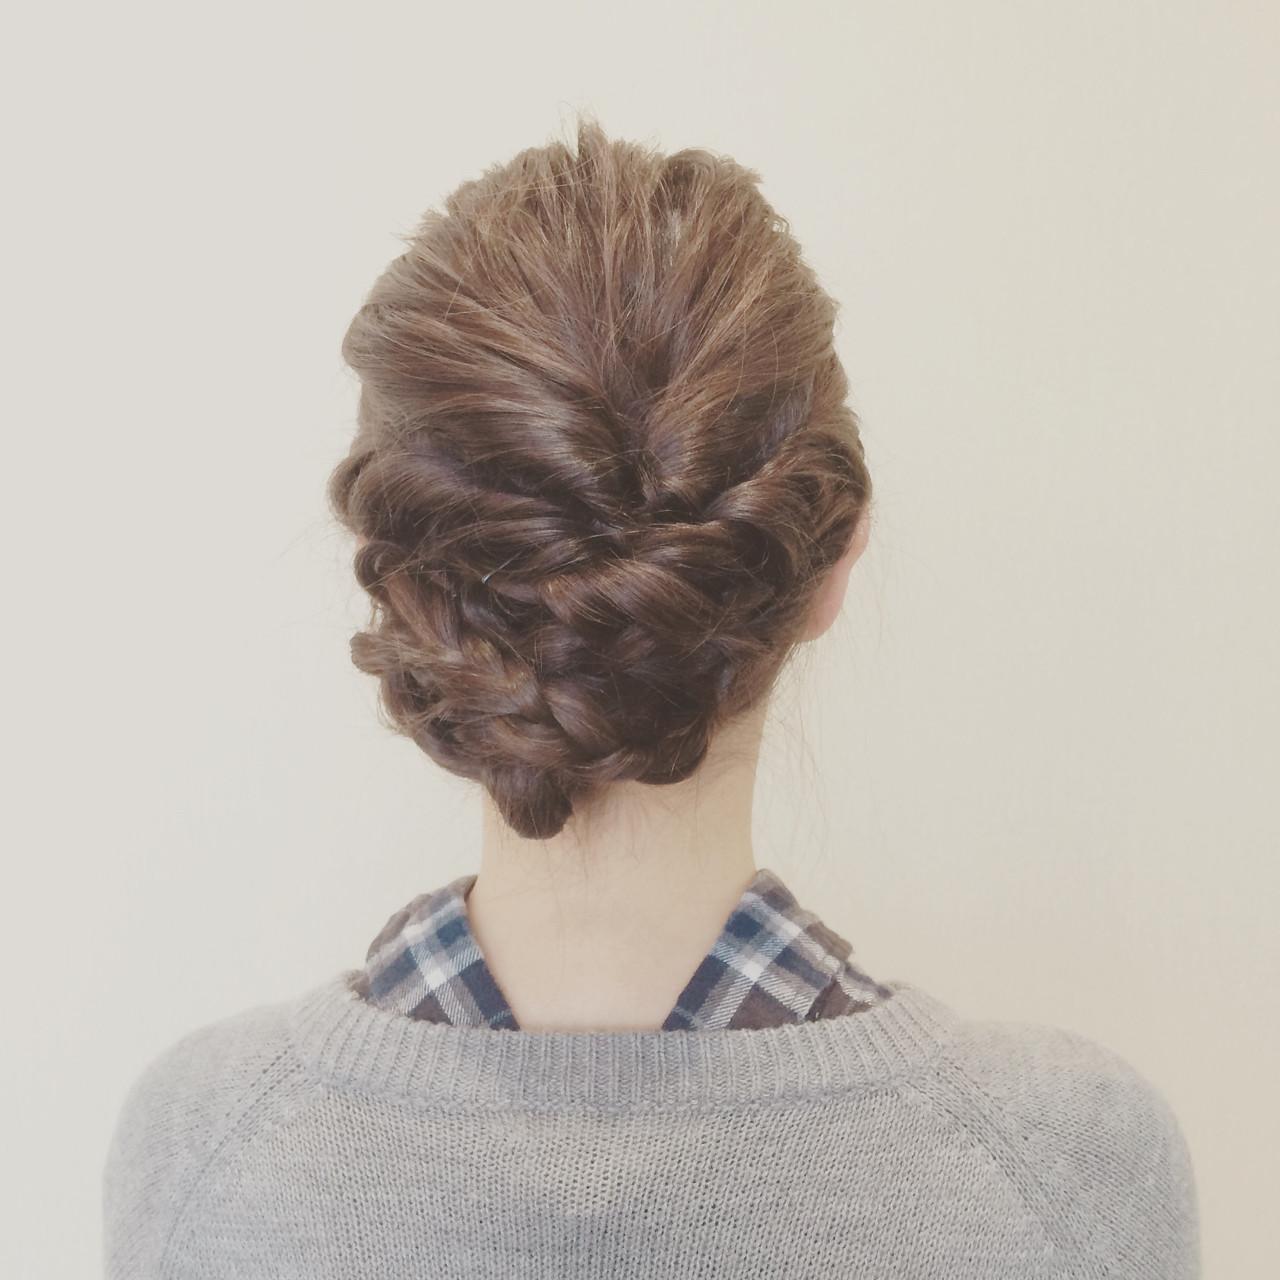 ツイスト 簡単ヘアアレンジ ヘアアレンジ 三つ編み ヘアスタイルや髪型の写真・画像